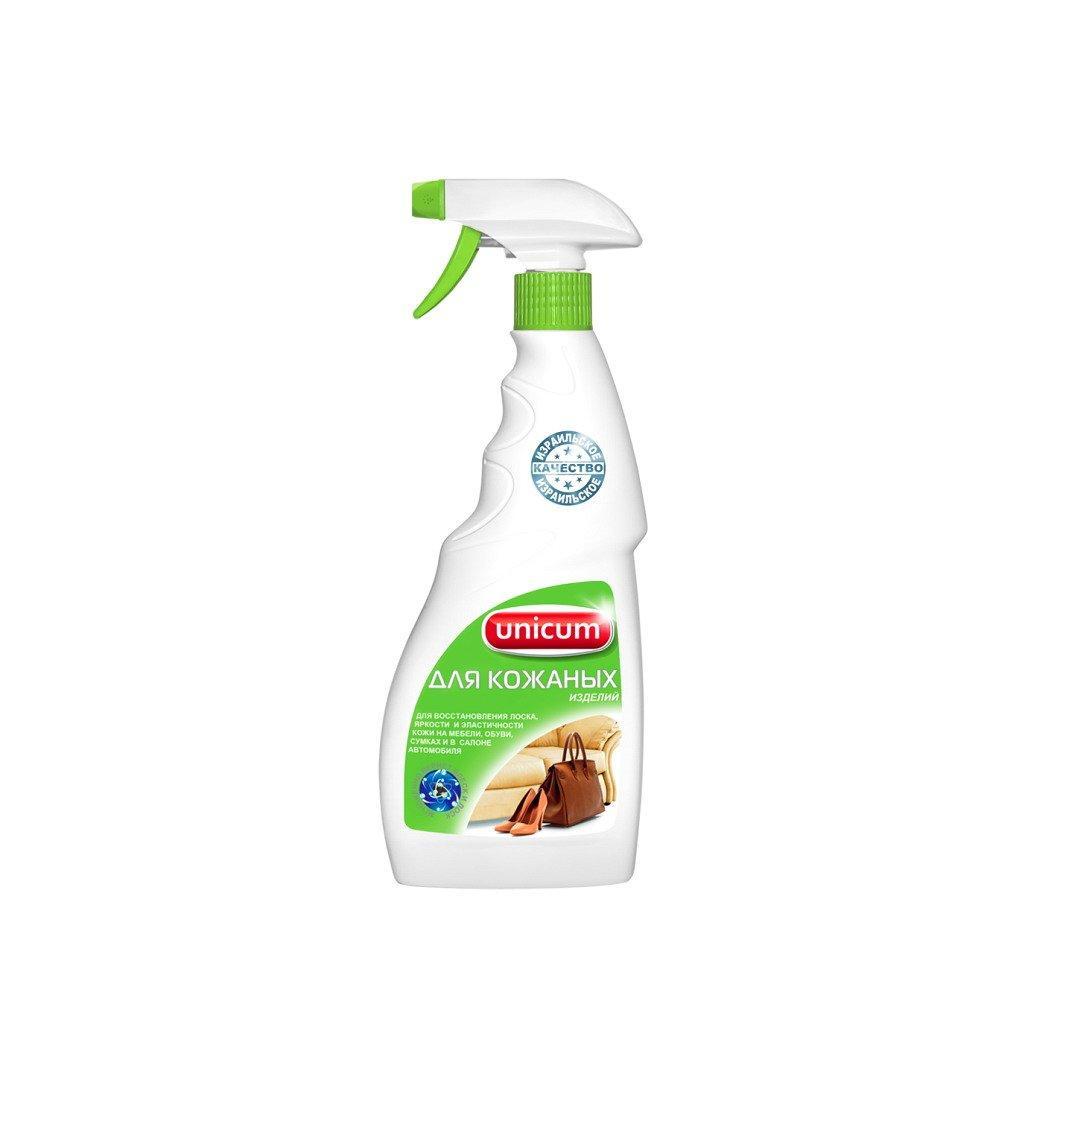 Средство для чистки и ухода за изделиями из кожи 500 мл, UNICUM